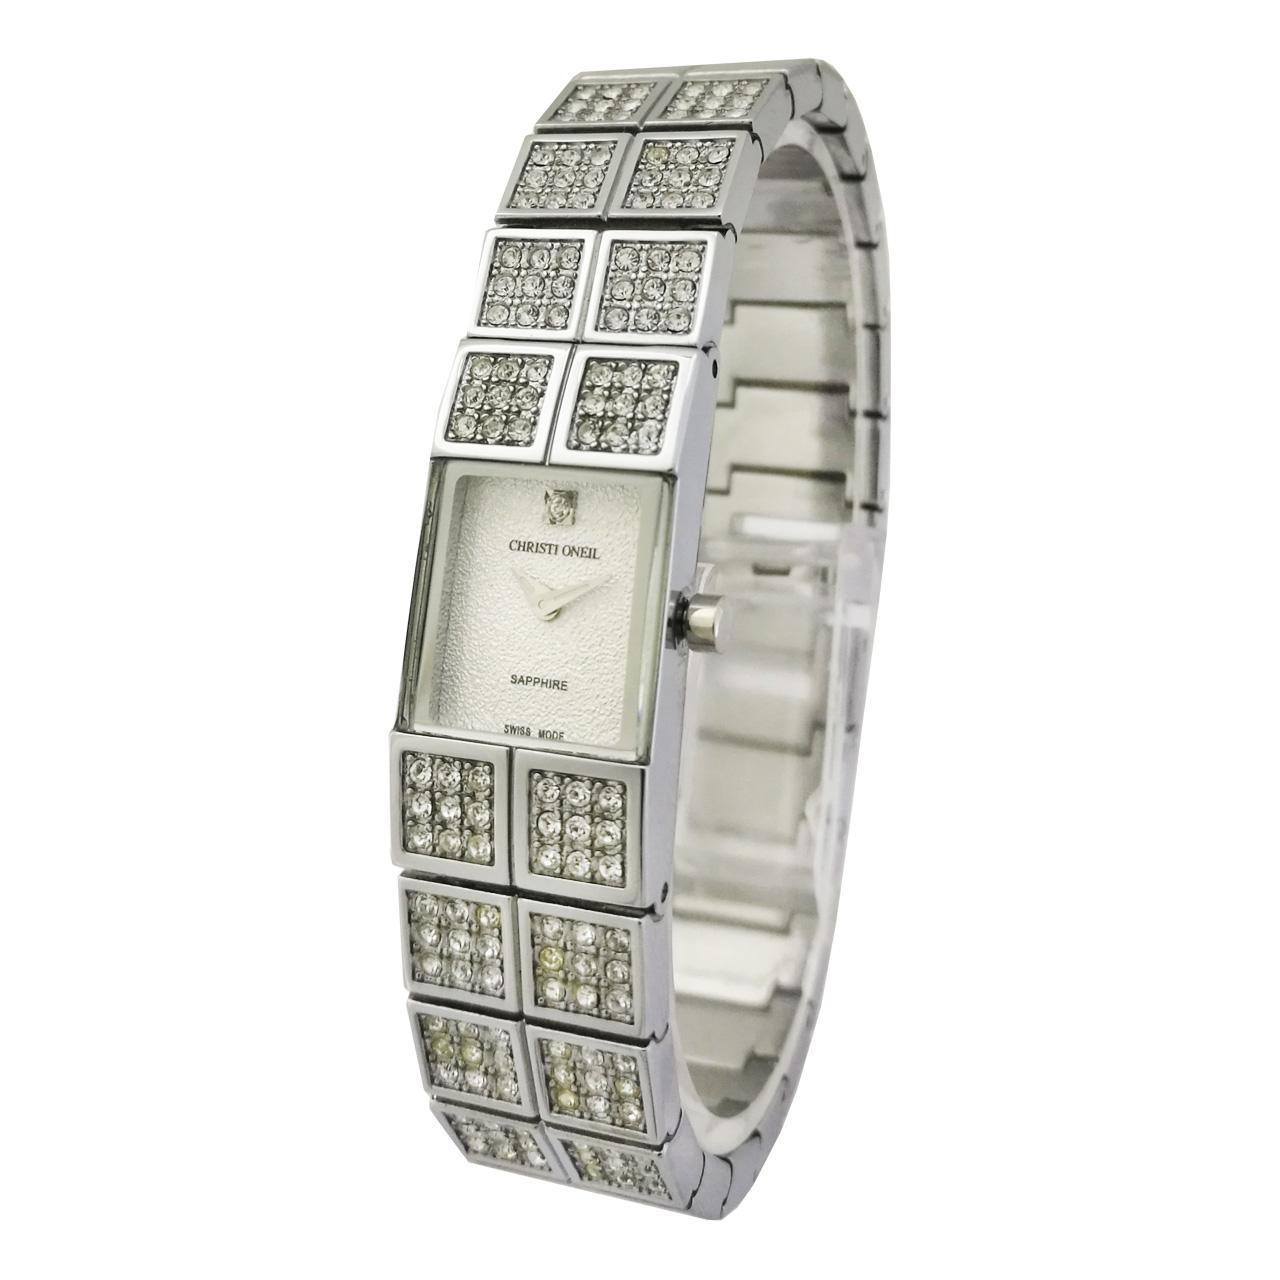 ساعت زنانه برند کریستی اونیل مدل e044